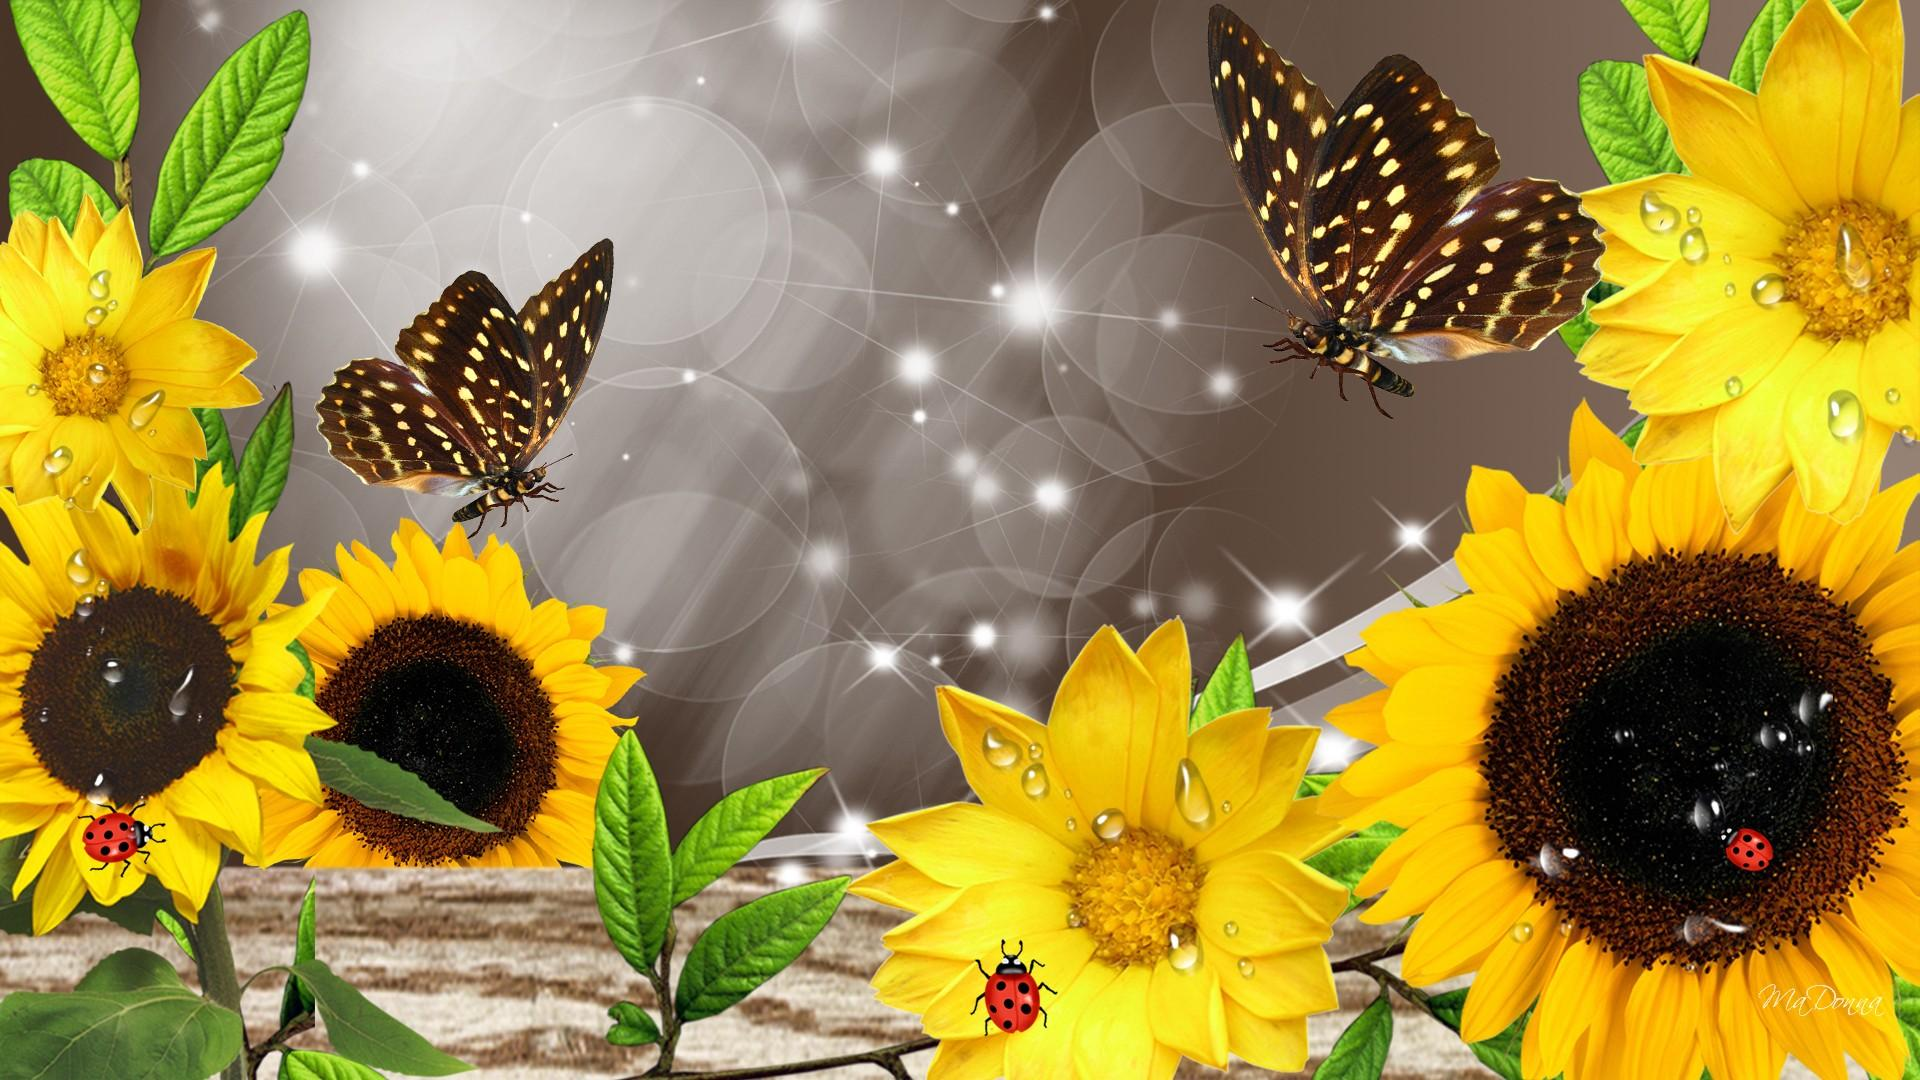 Sunflowers After The Rain wallpaper  water  Wallpaper Better